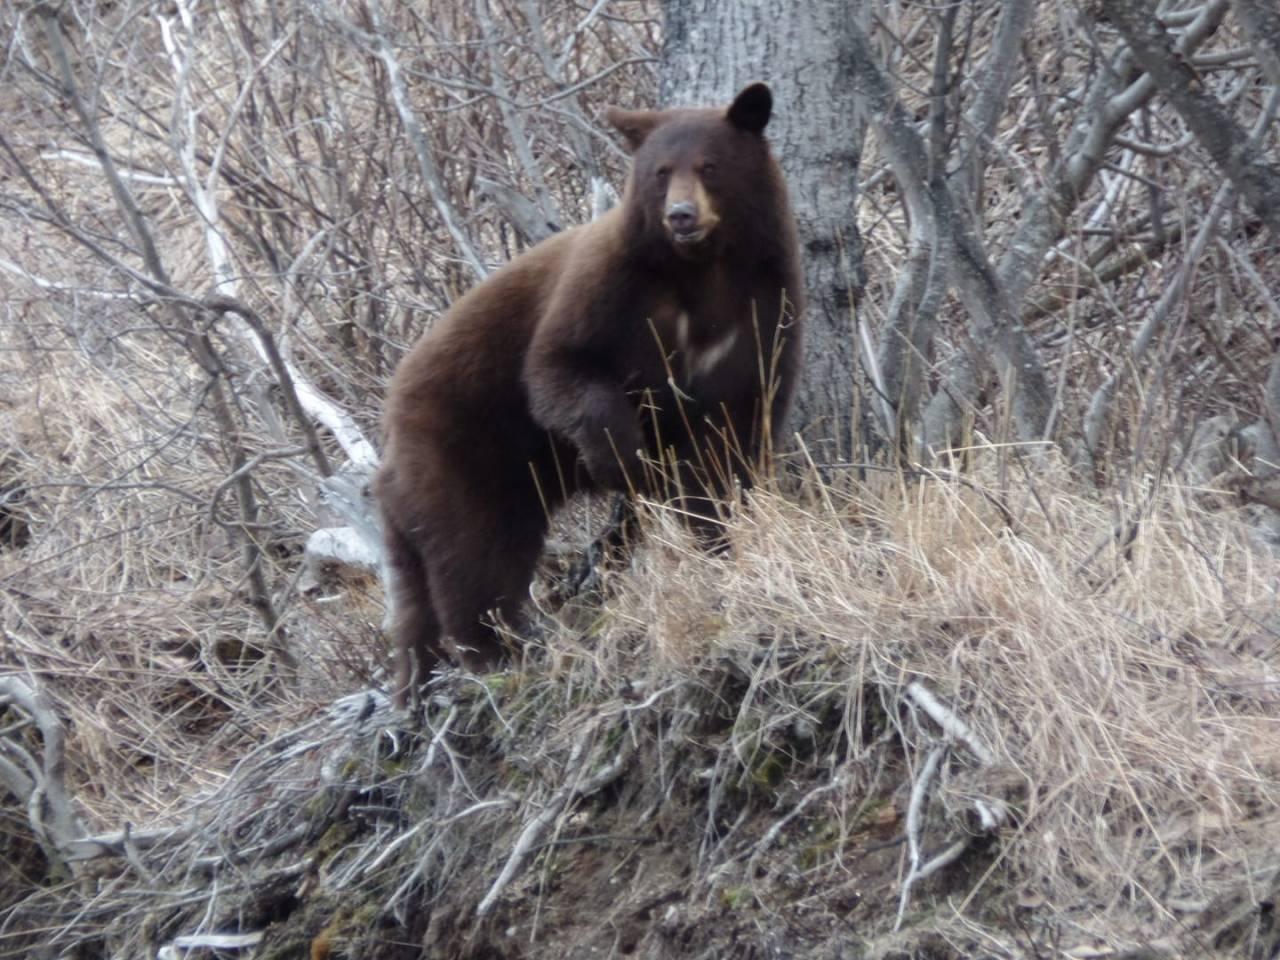 Els problemes d'acabar amb el confinament a Alaska